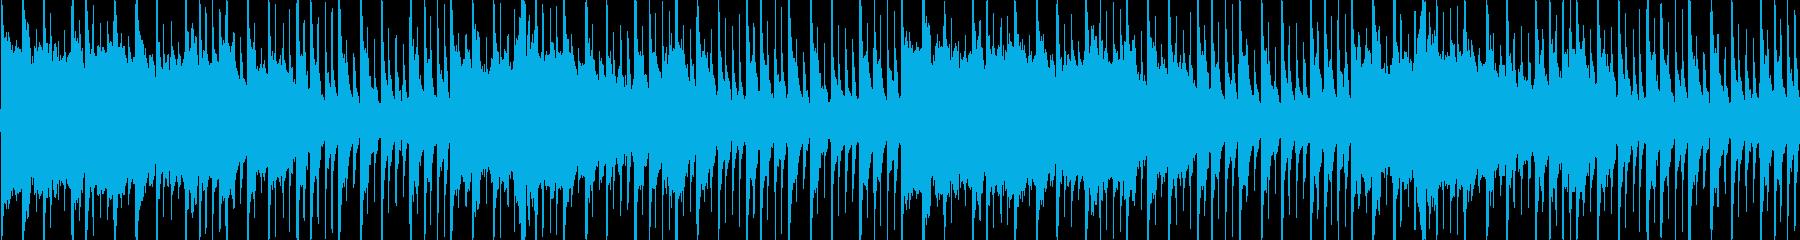 【宮廷/アラジン/オリエンタルなBGM】の再生済みの波形